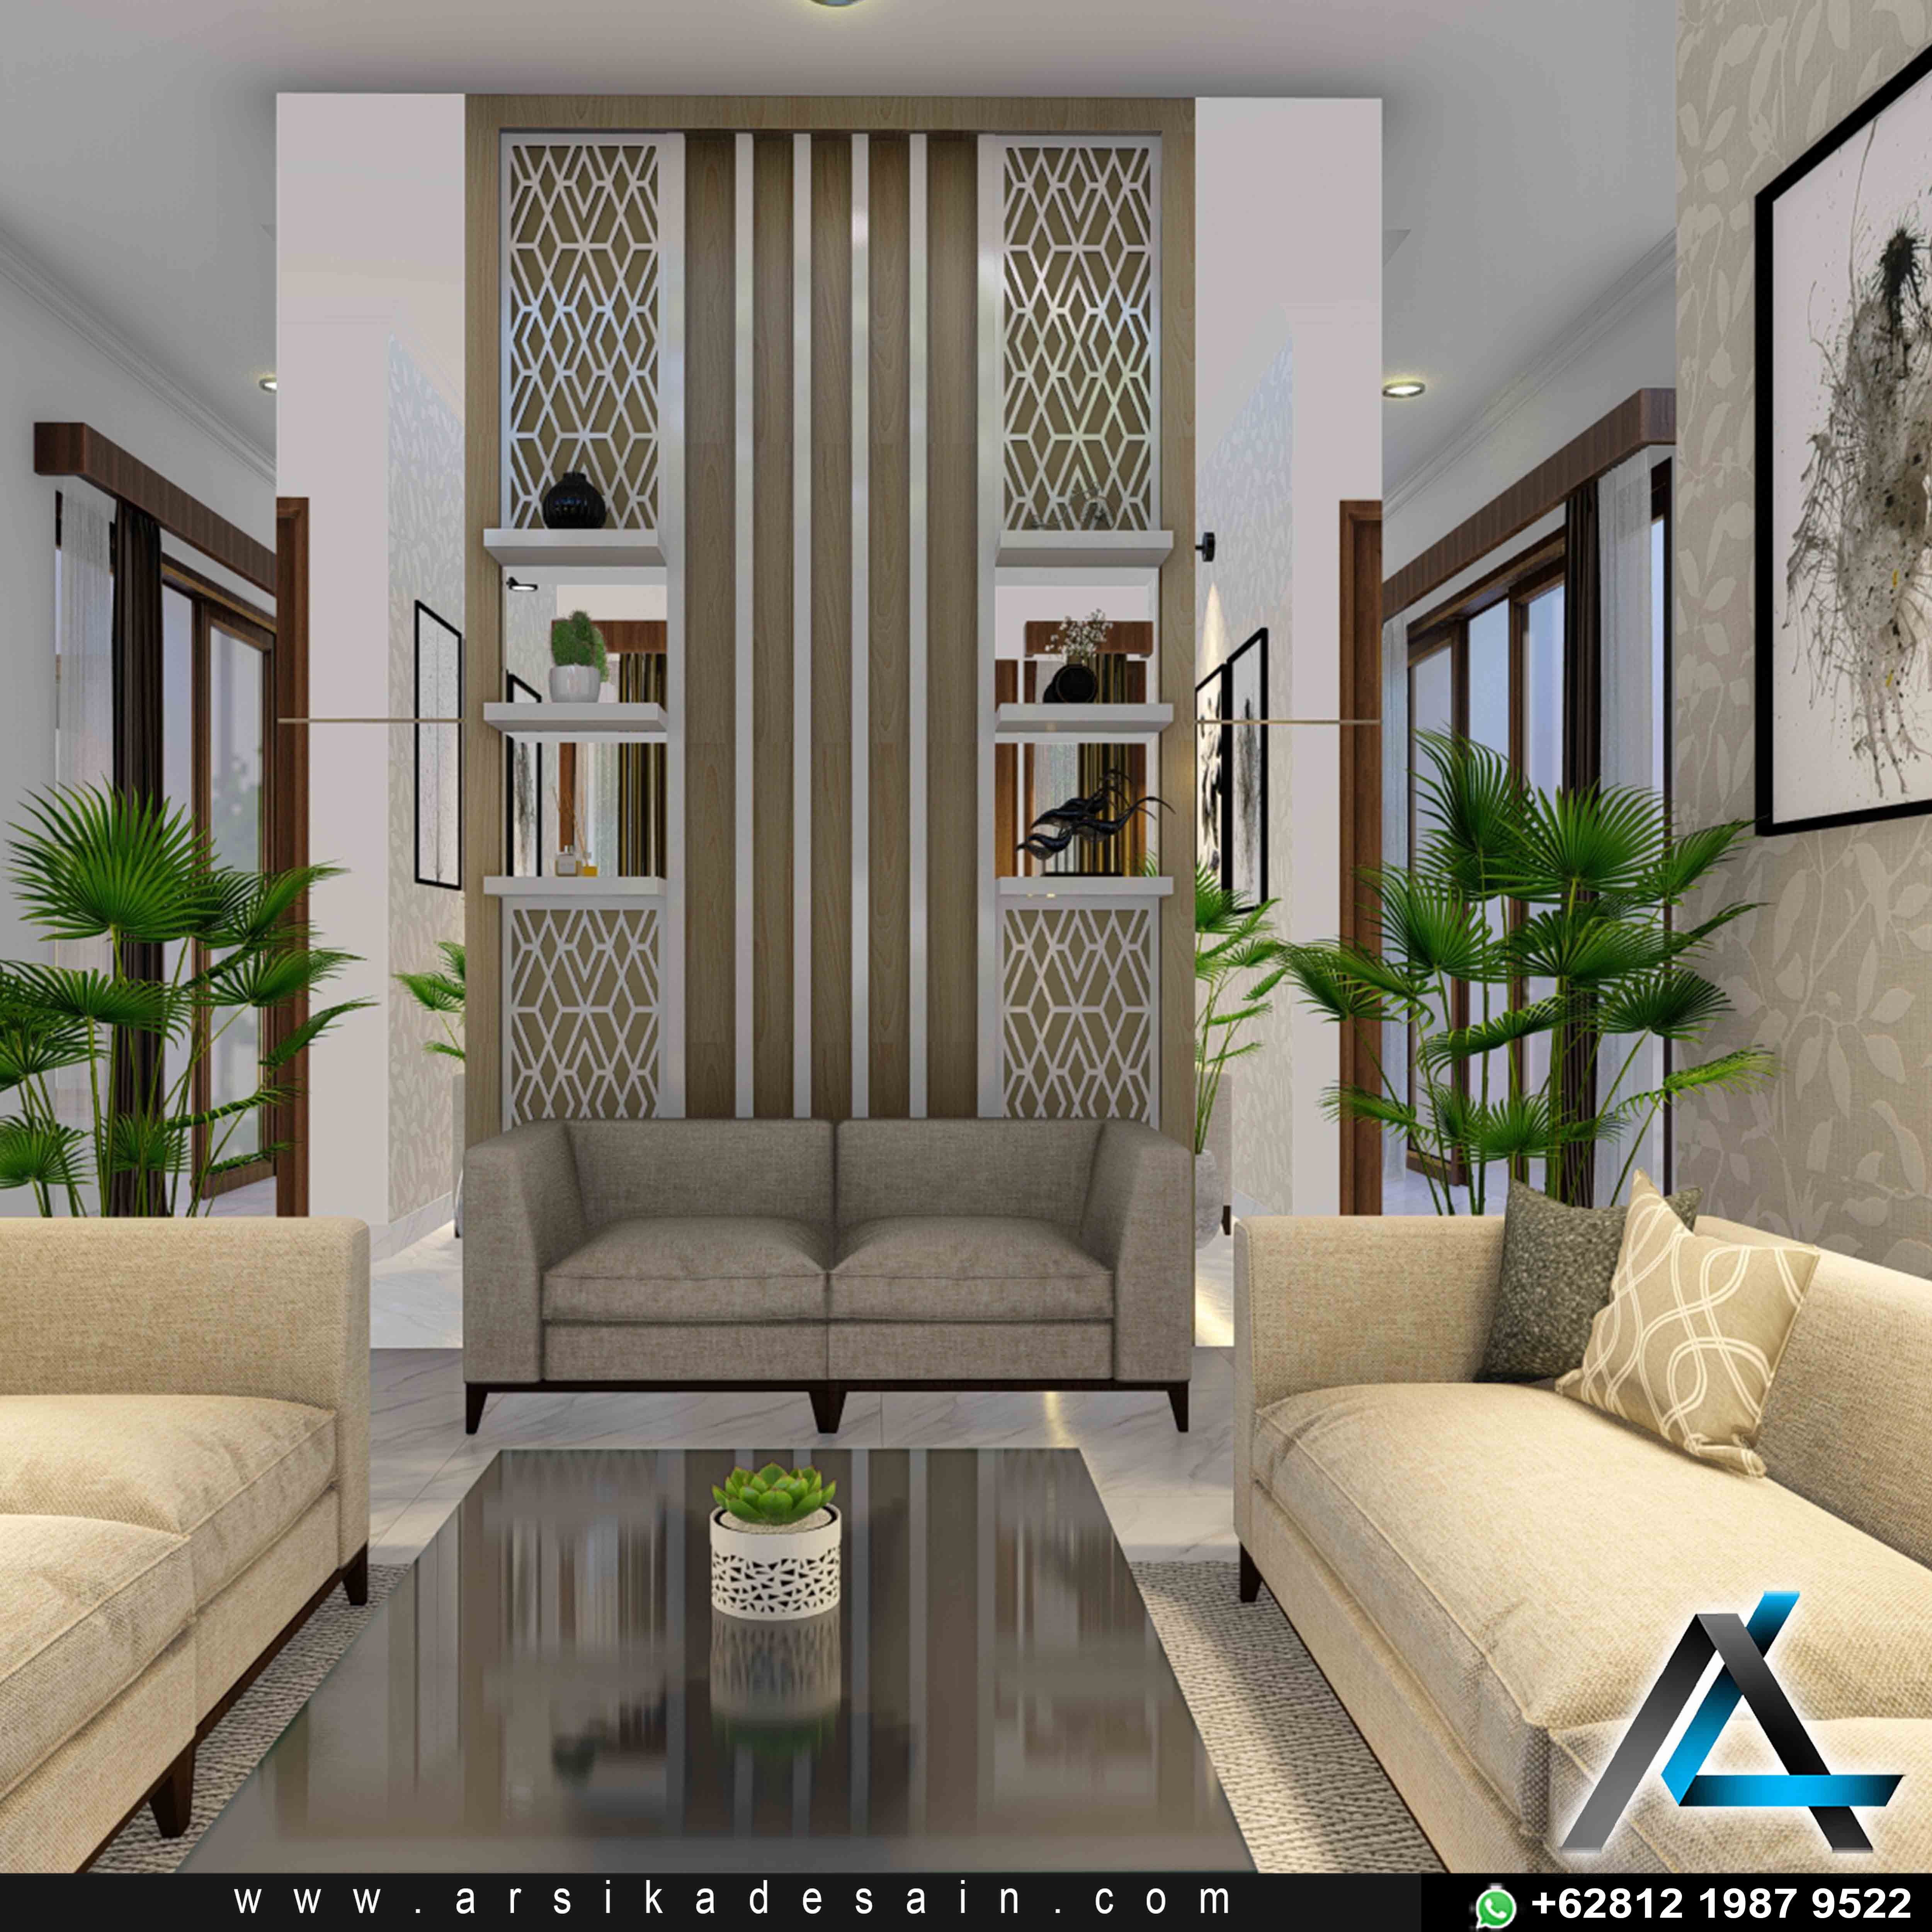 Desain Interior Ruang Tamu Di 2021 Ruang Tamu Rumah Ruang Tamu Ikea Interior